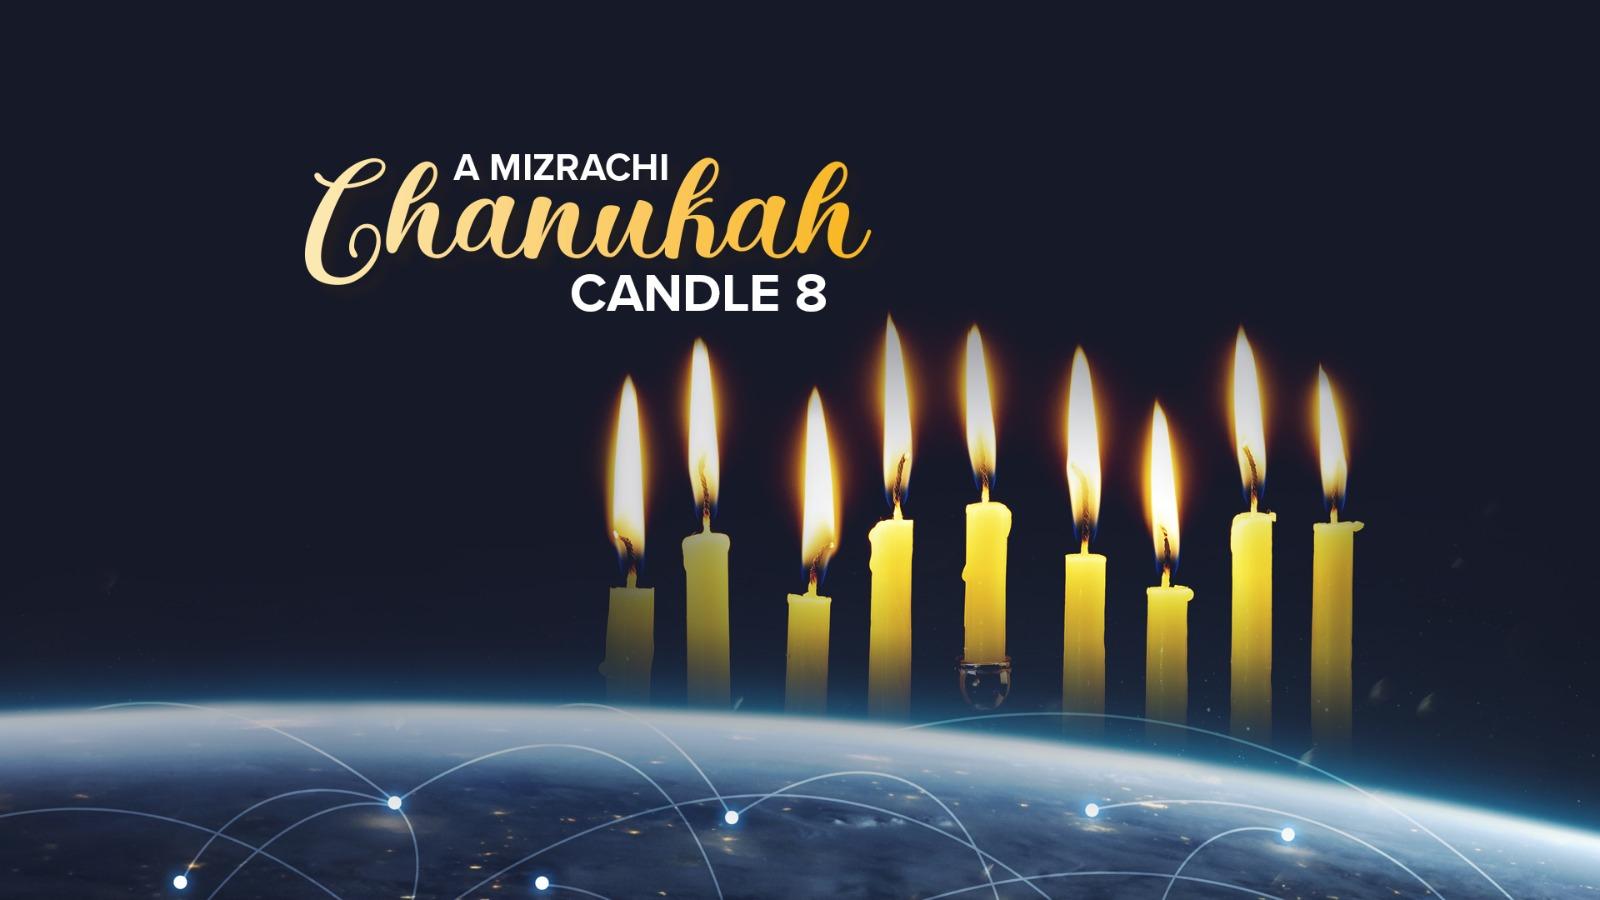 A Mizrachi Chanukah – Candle 8